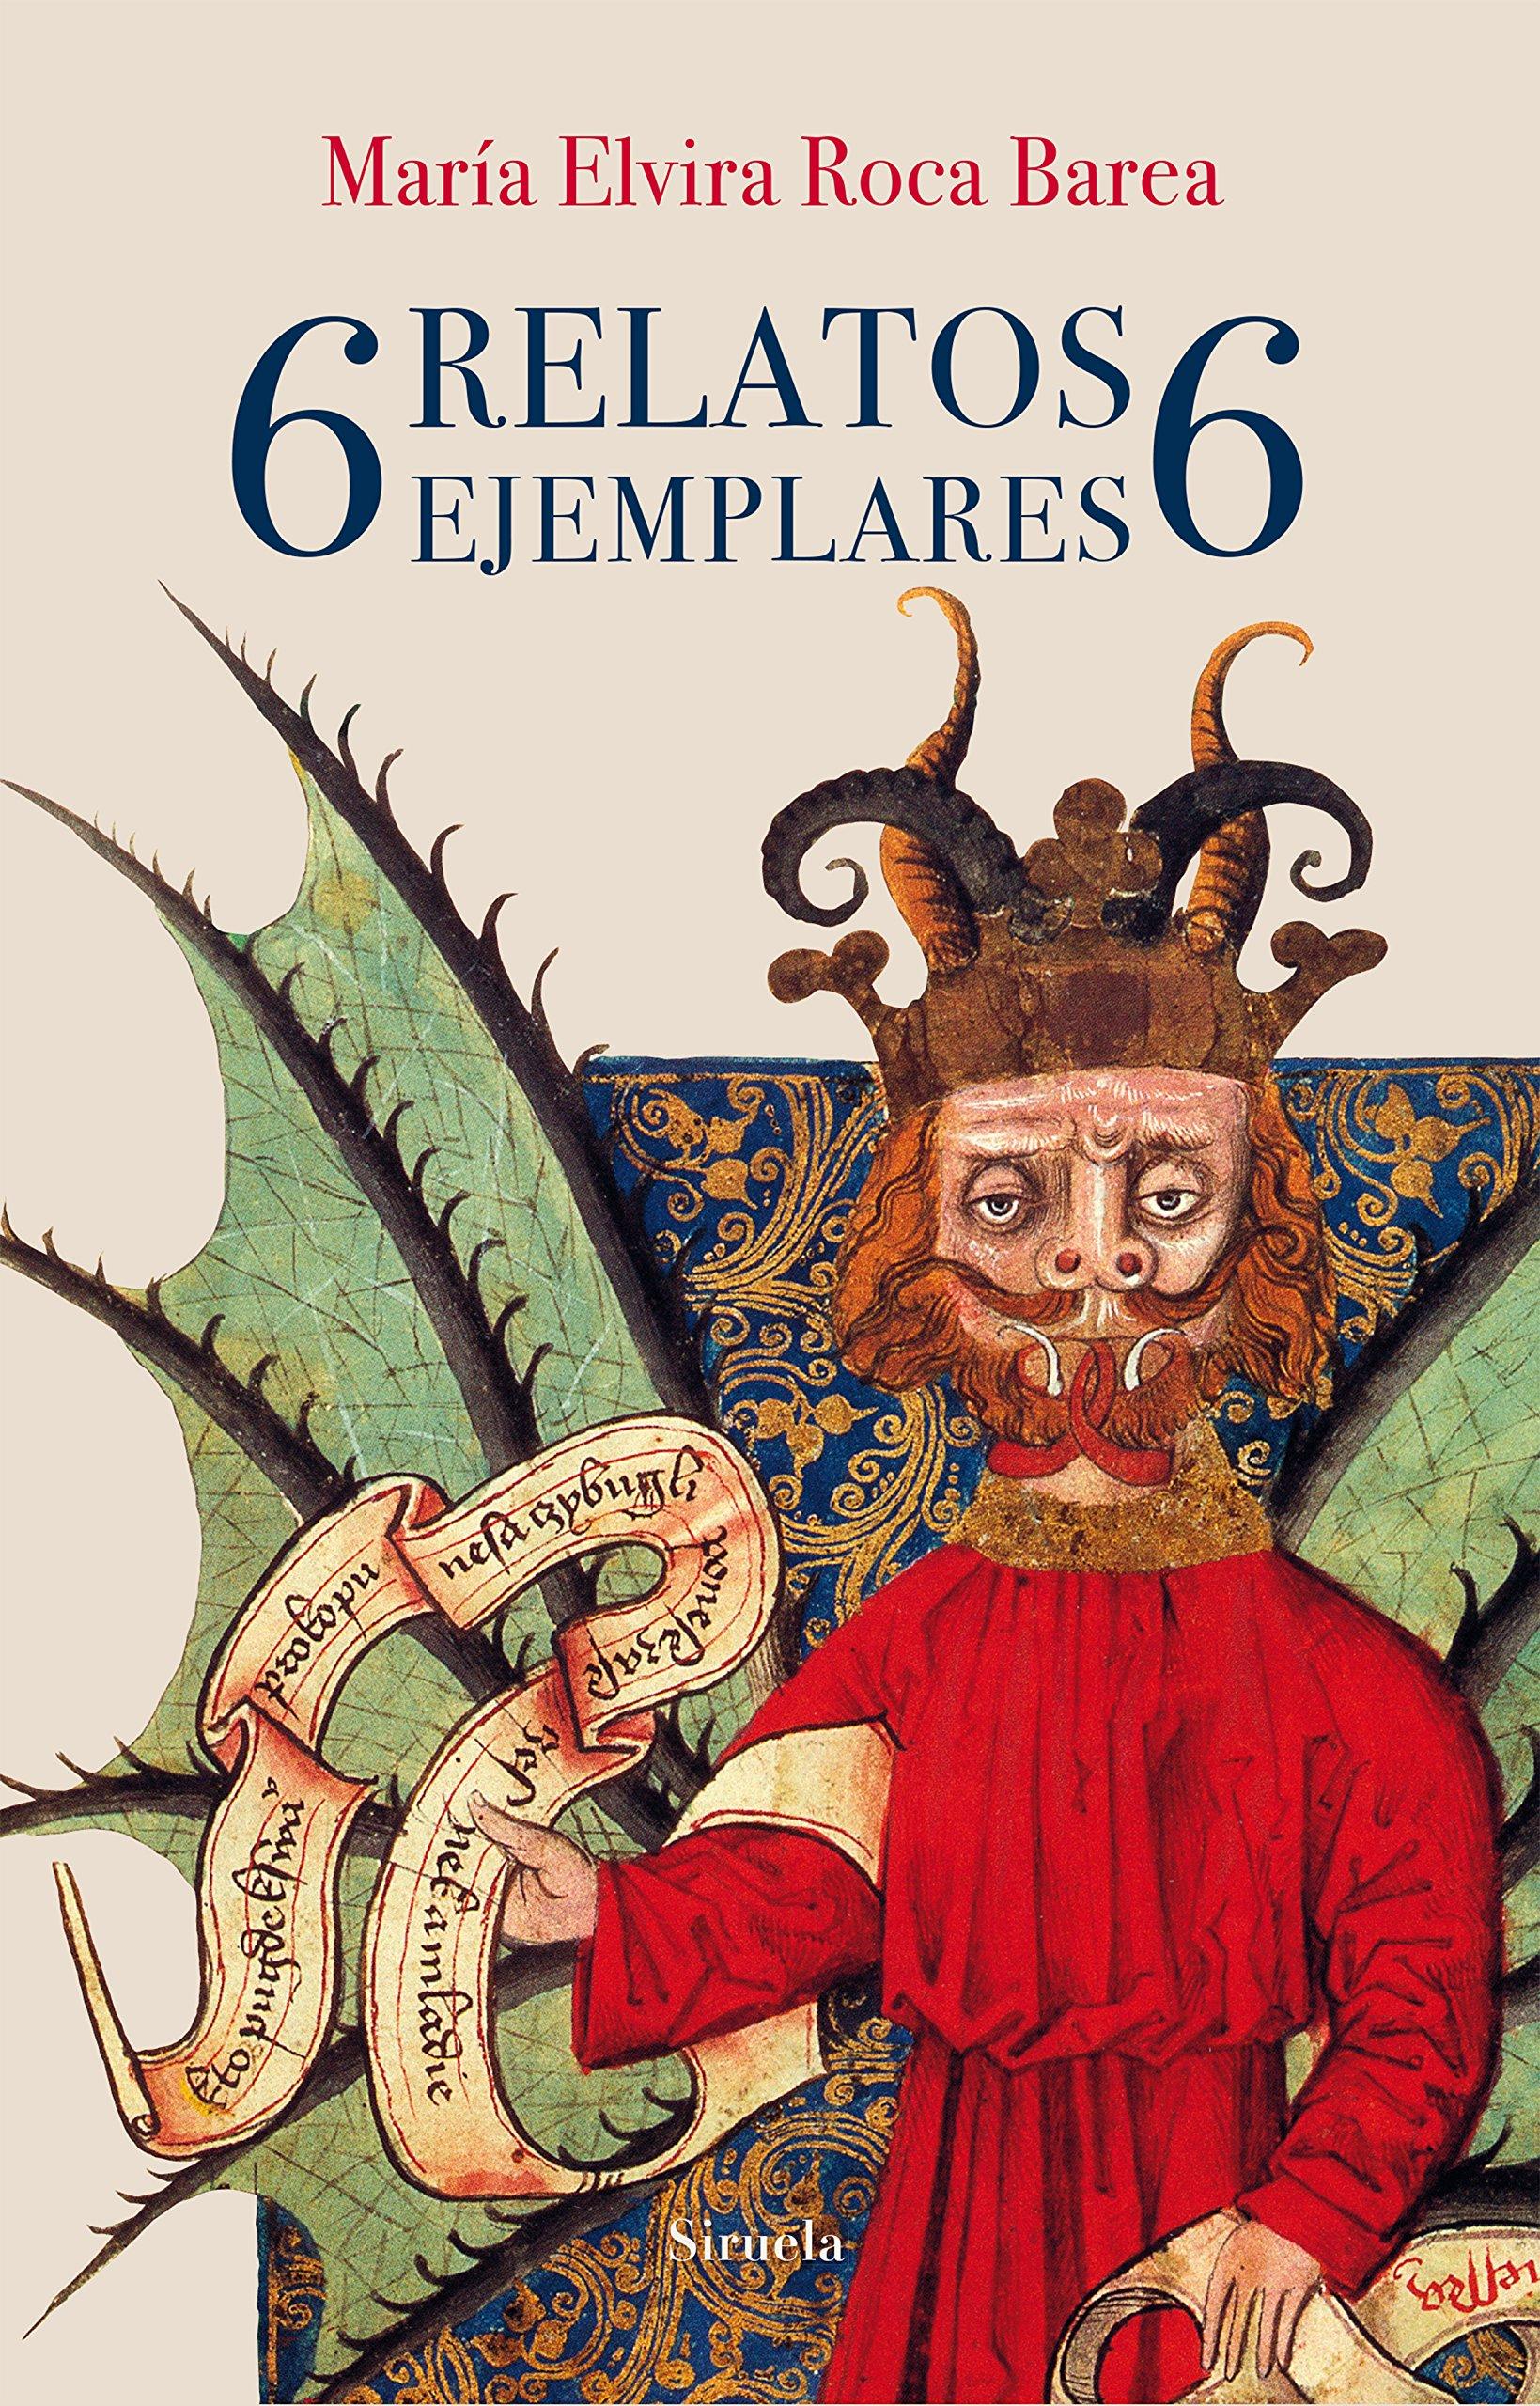 6 relatos ejemplares 6: 363 (Libros del Tiempo): Amazon.es: Roca Barea, María Elvira: Libros